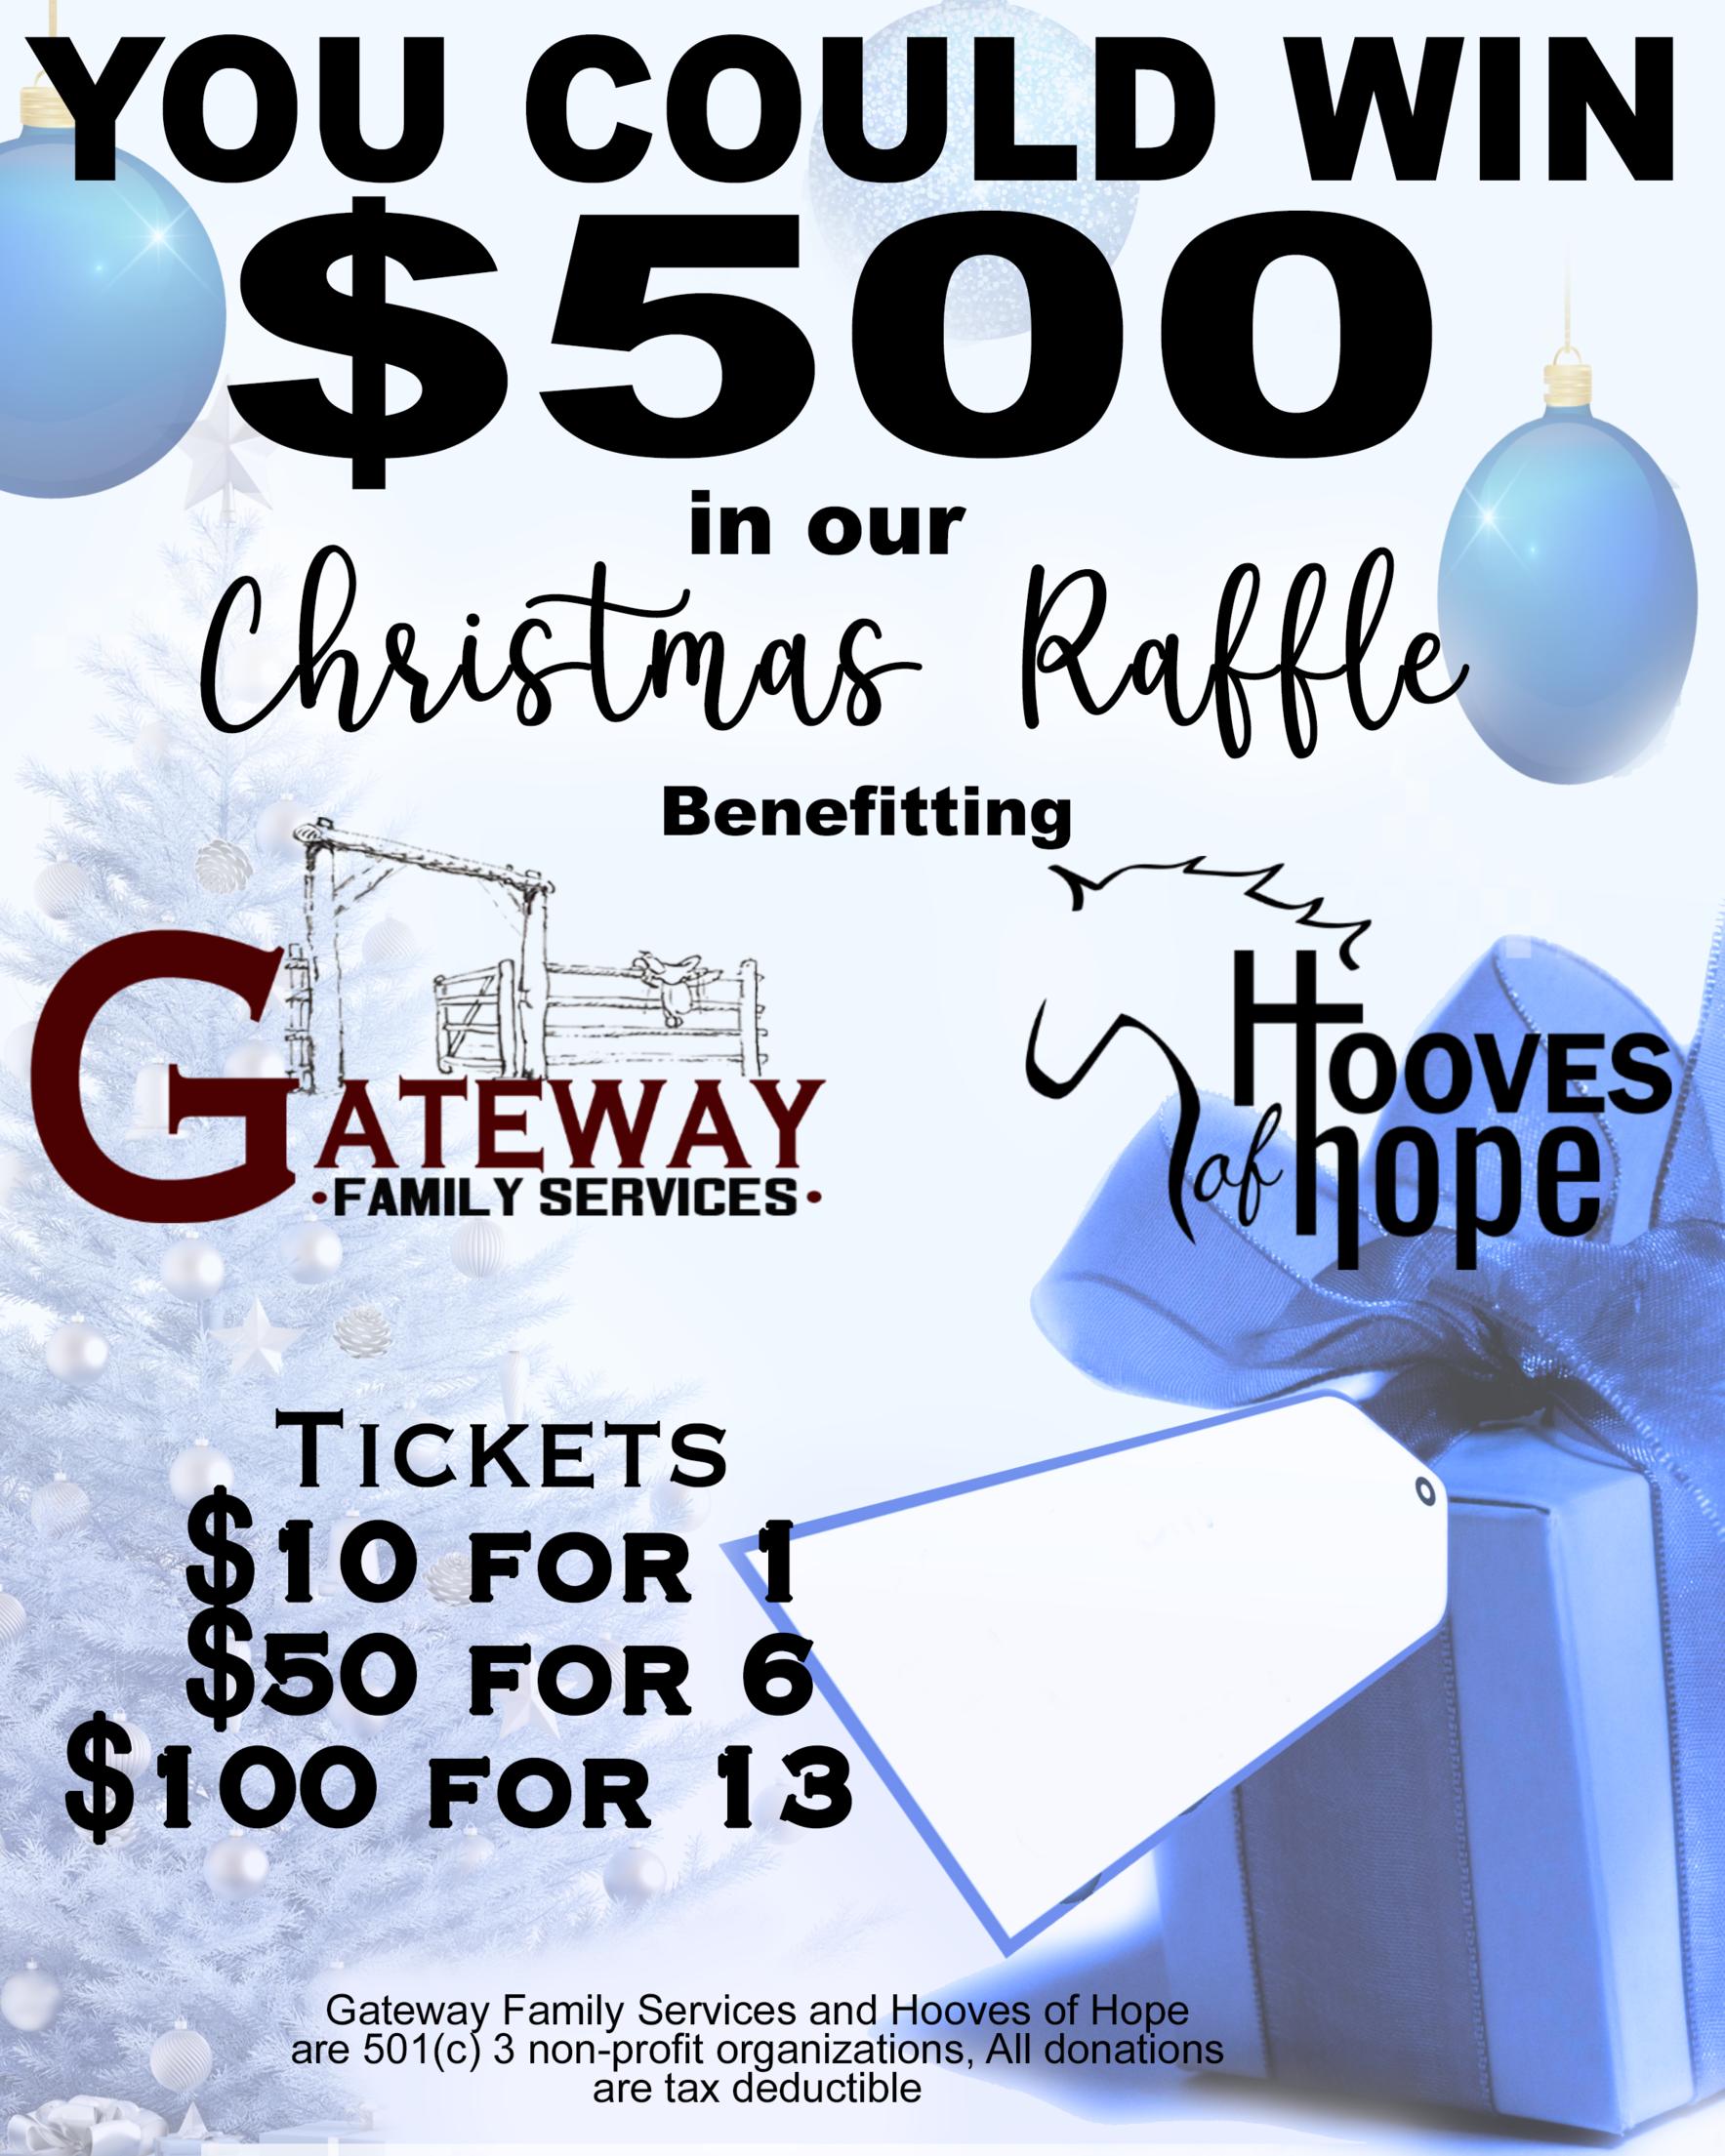 $500 Christmas Raffle image